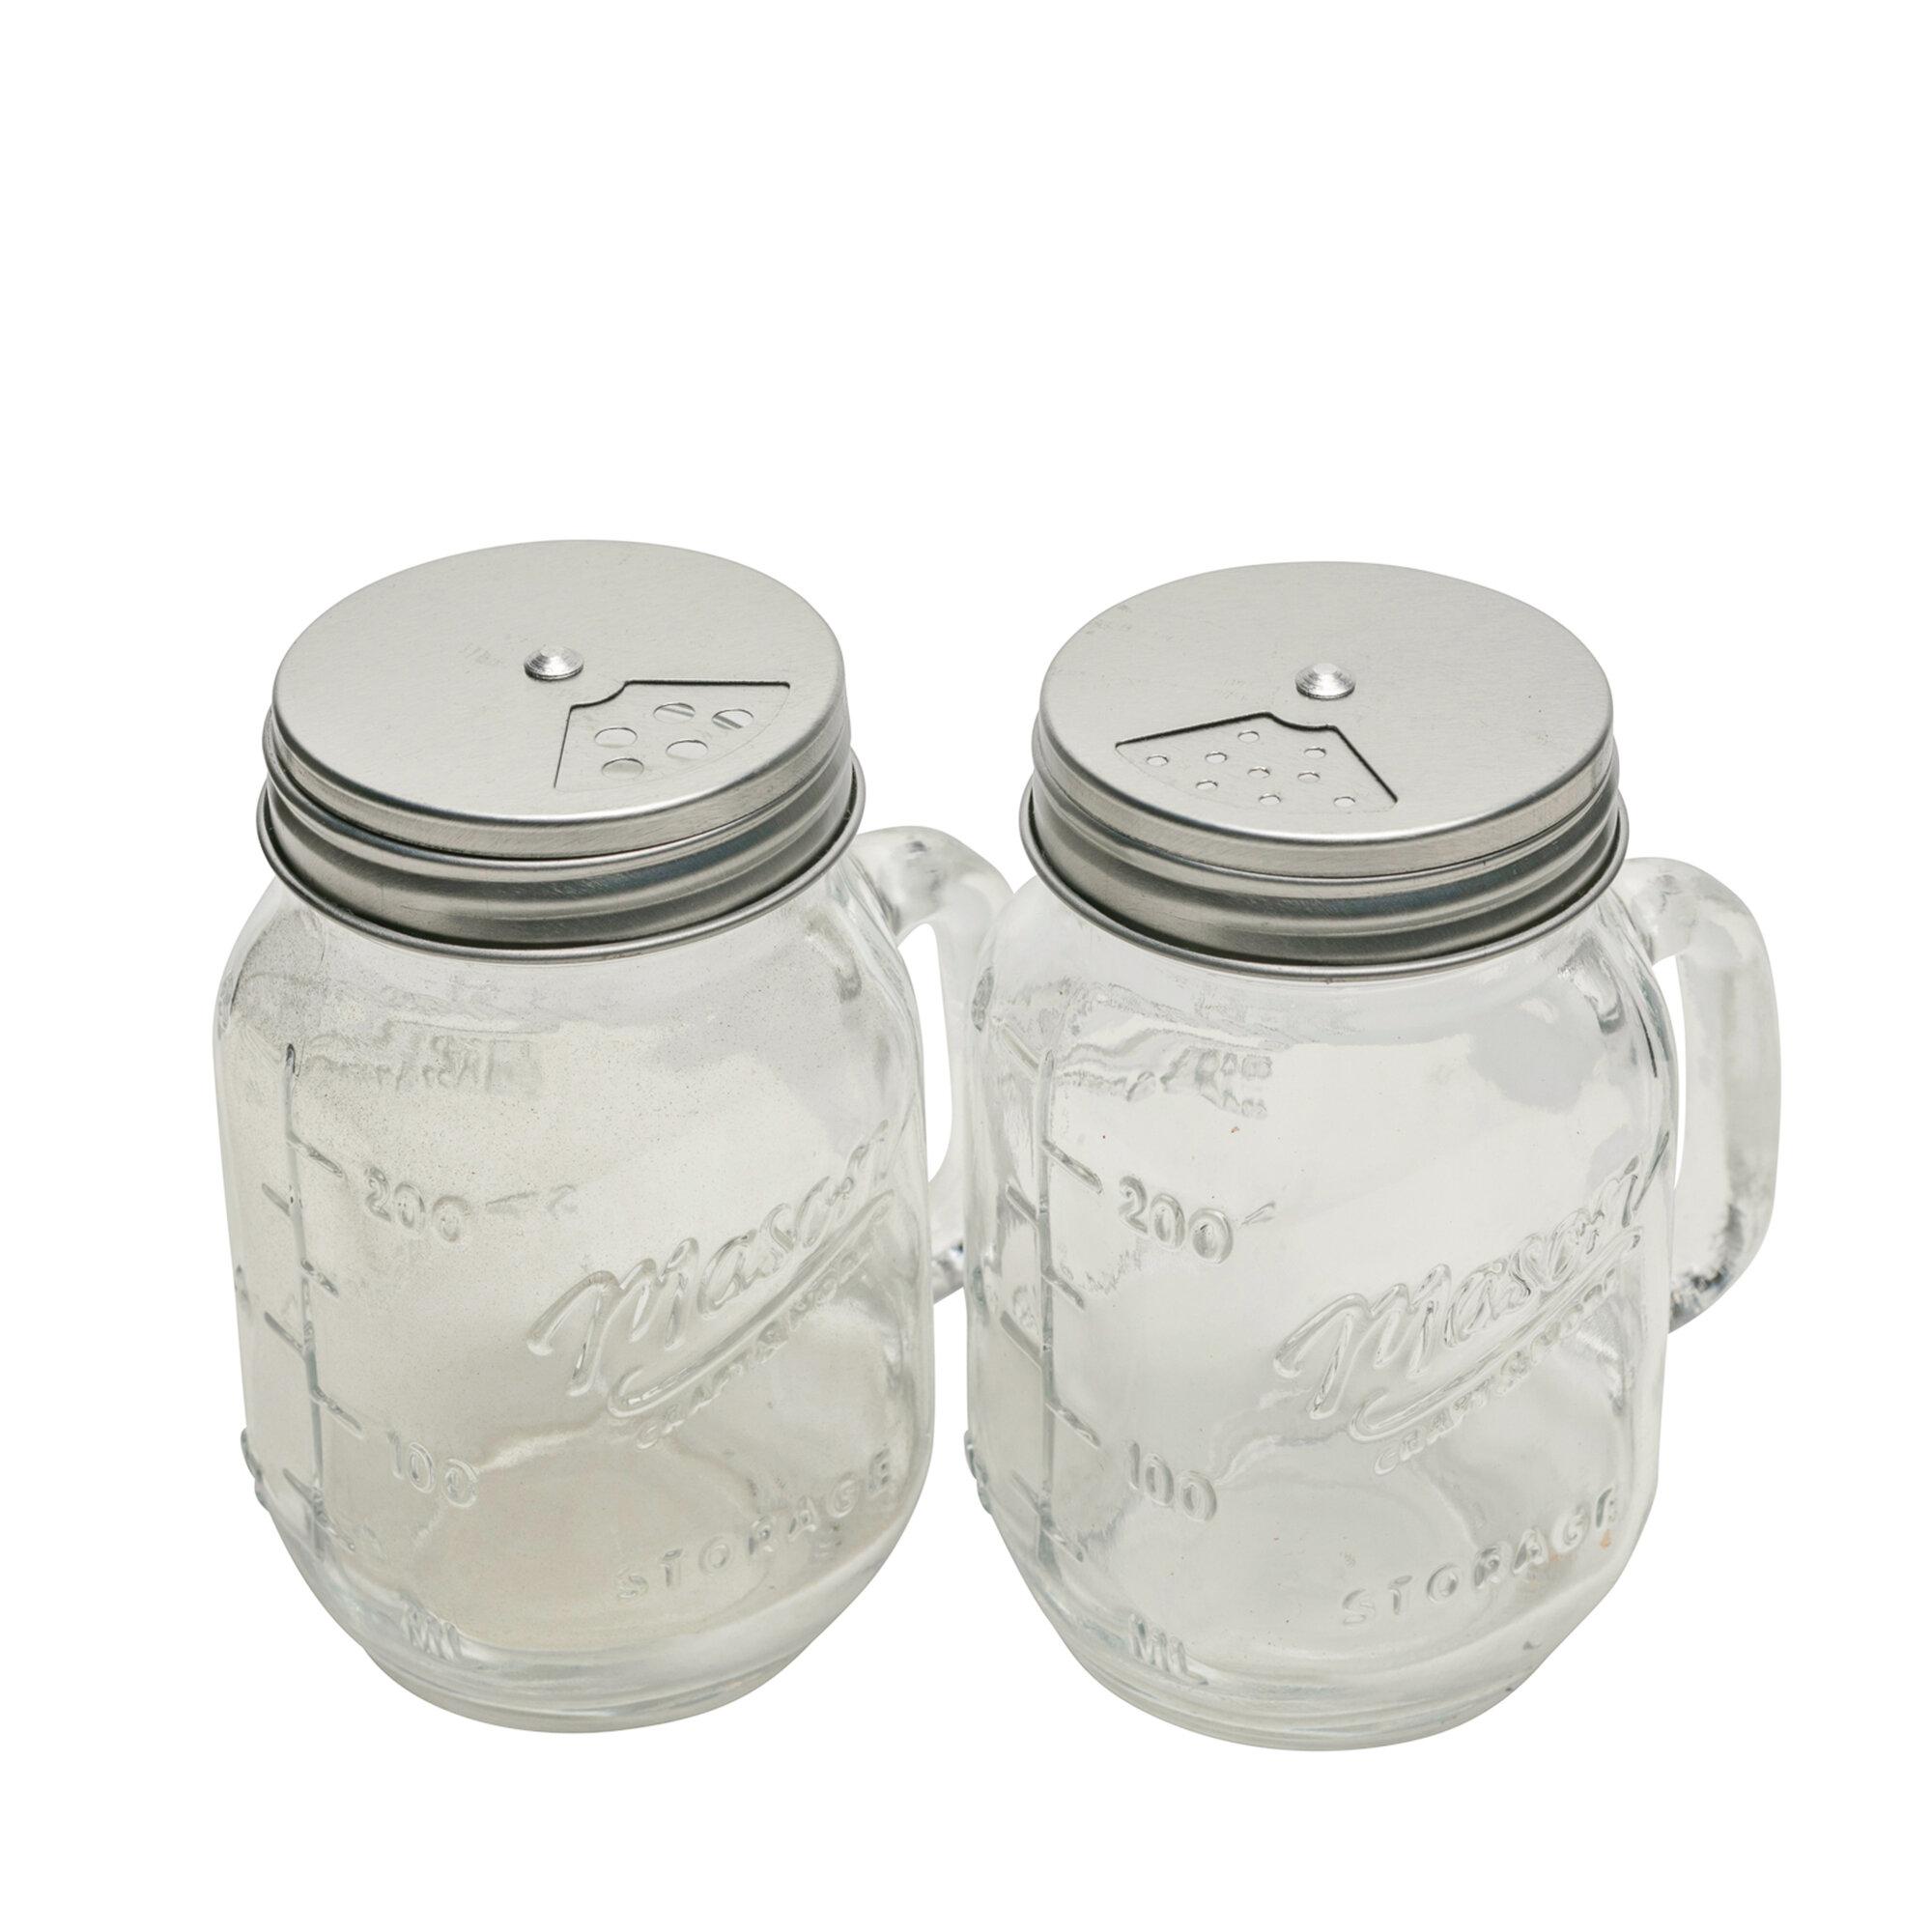 Mason Craft More 8 Oz Glass Salt Pepper Shaker Set Reviews Wayfair